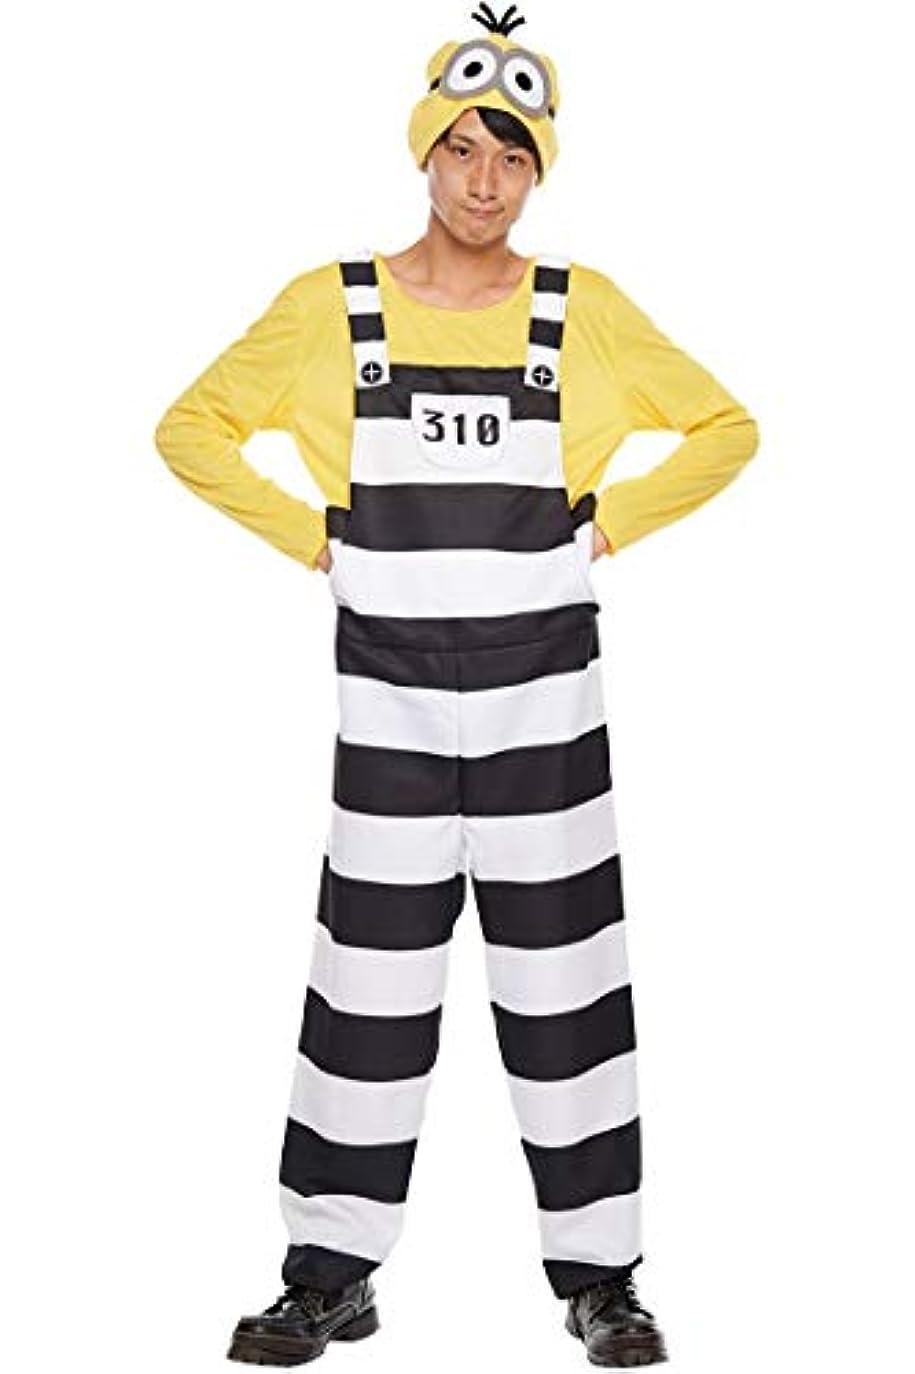 リラックス排泄物批判的囚人 ミニオン コスチューム メンズ 165cm-175cm